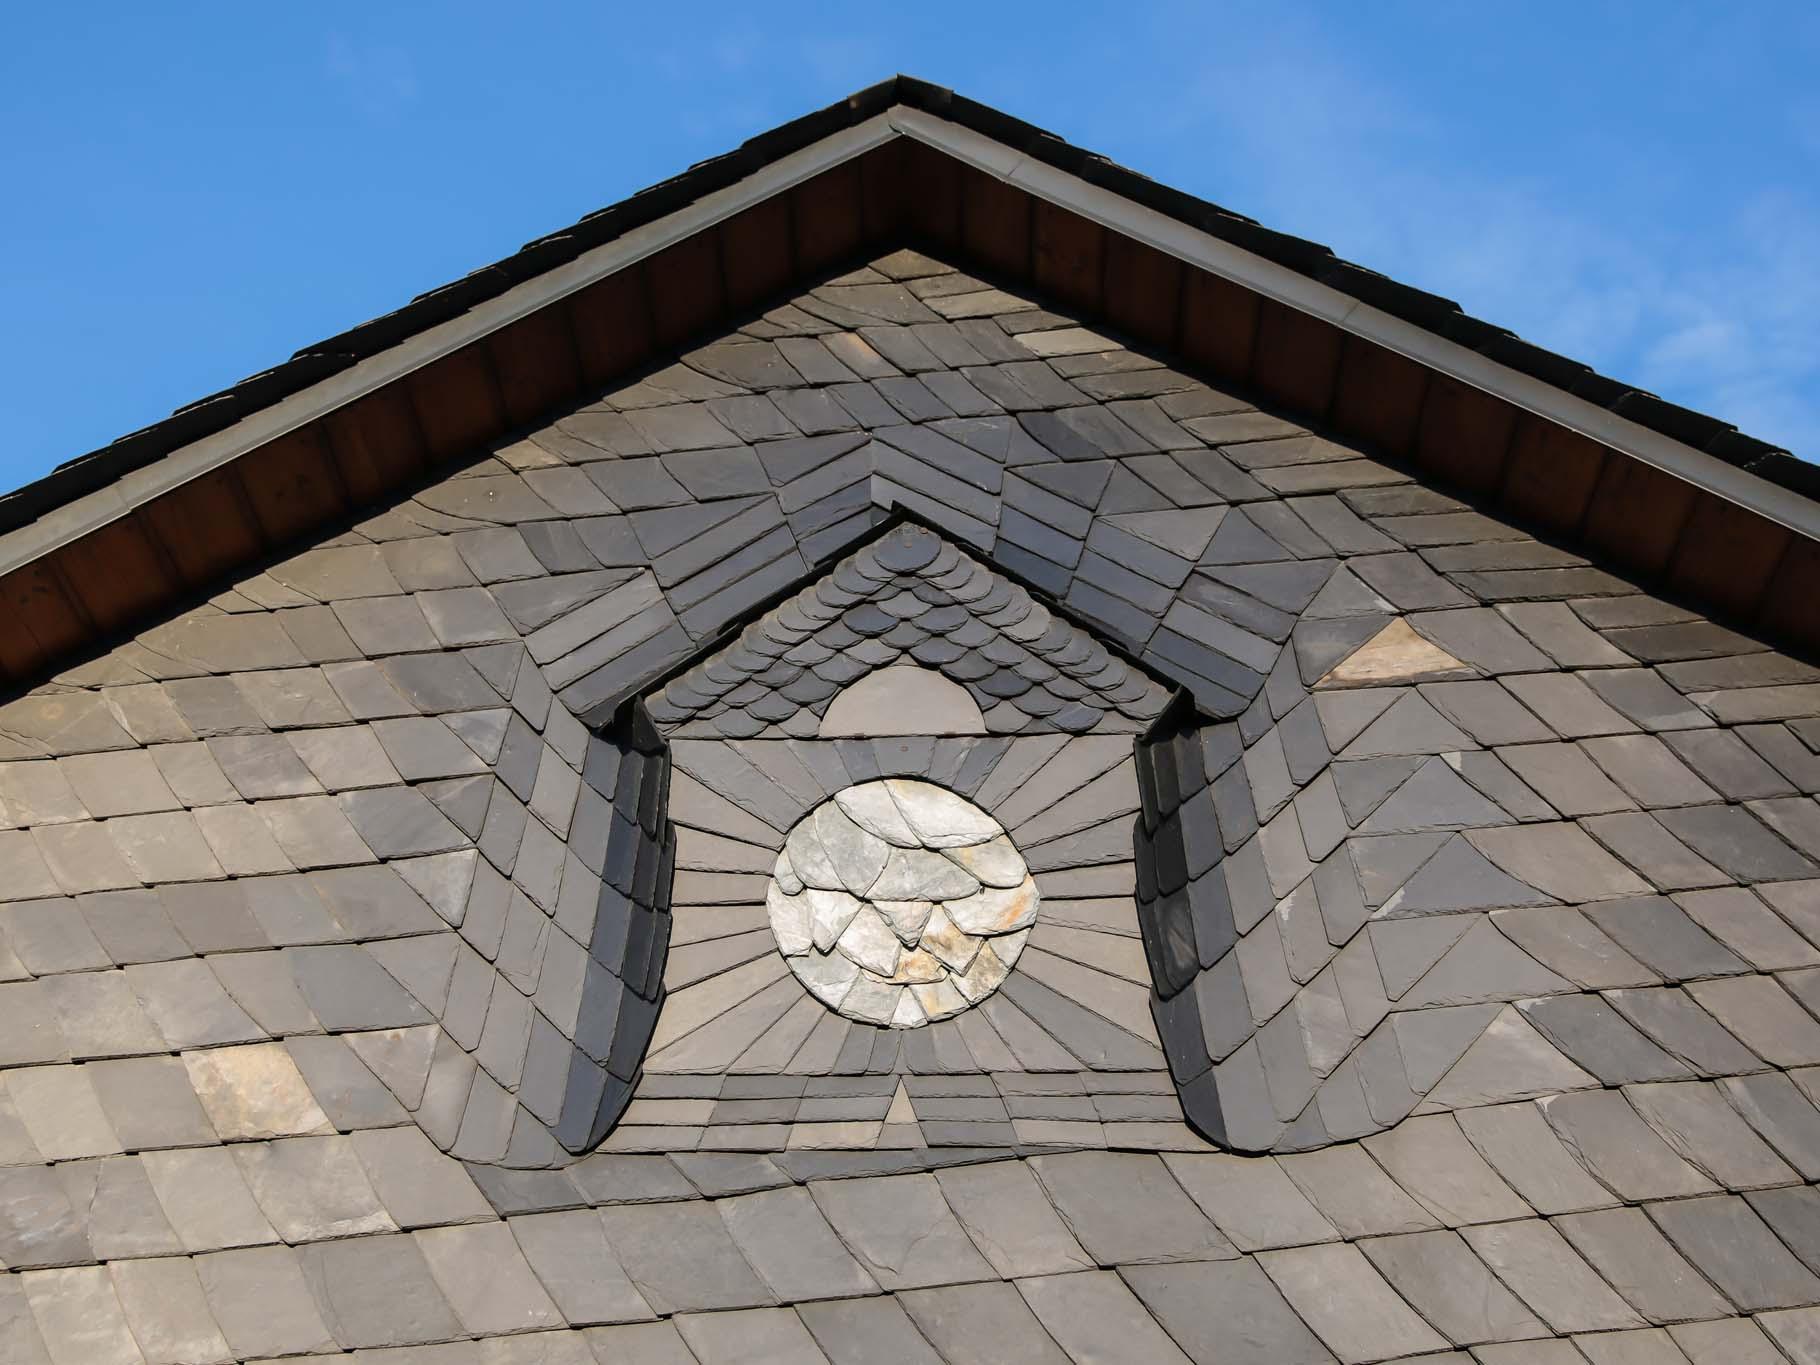 Bedachung, Dach, Schiefer, Mülsen